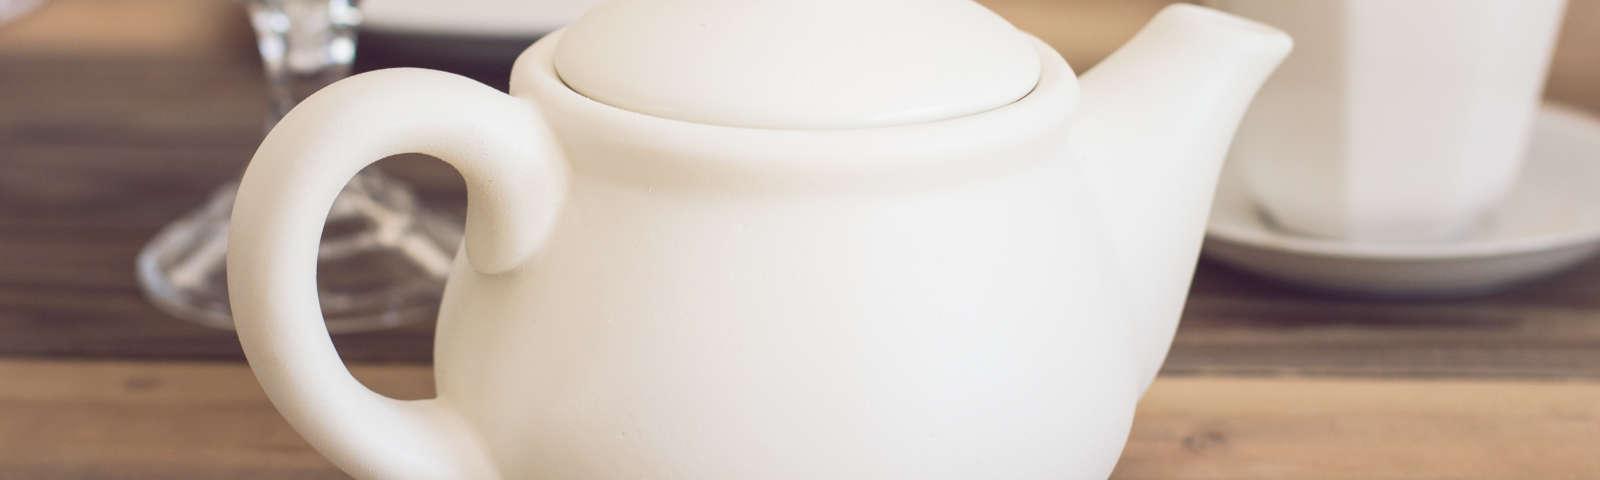 заварник фарфоровый белый фото